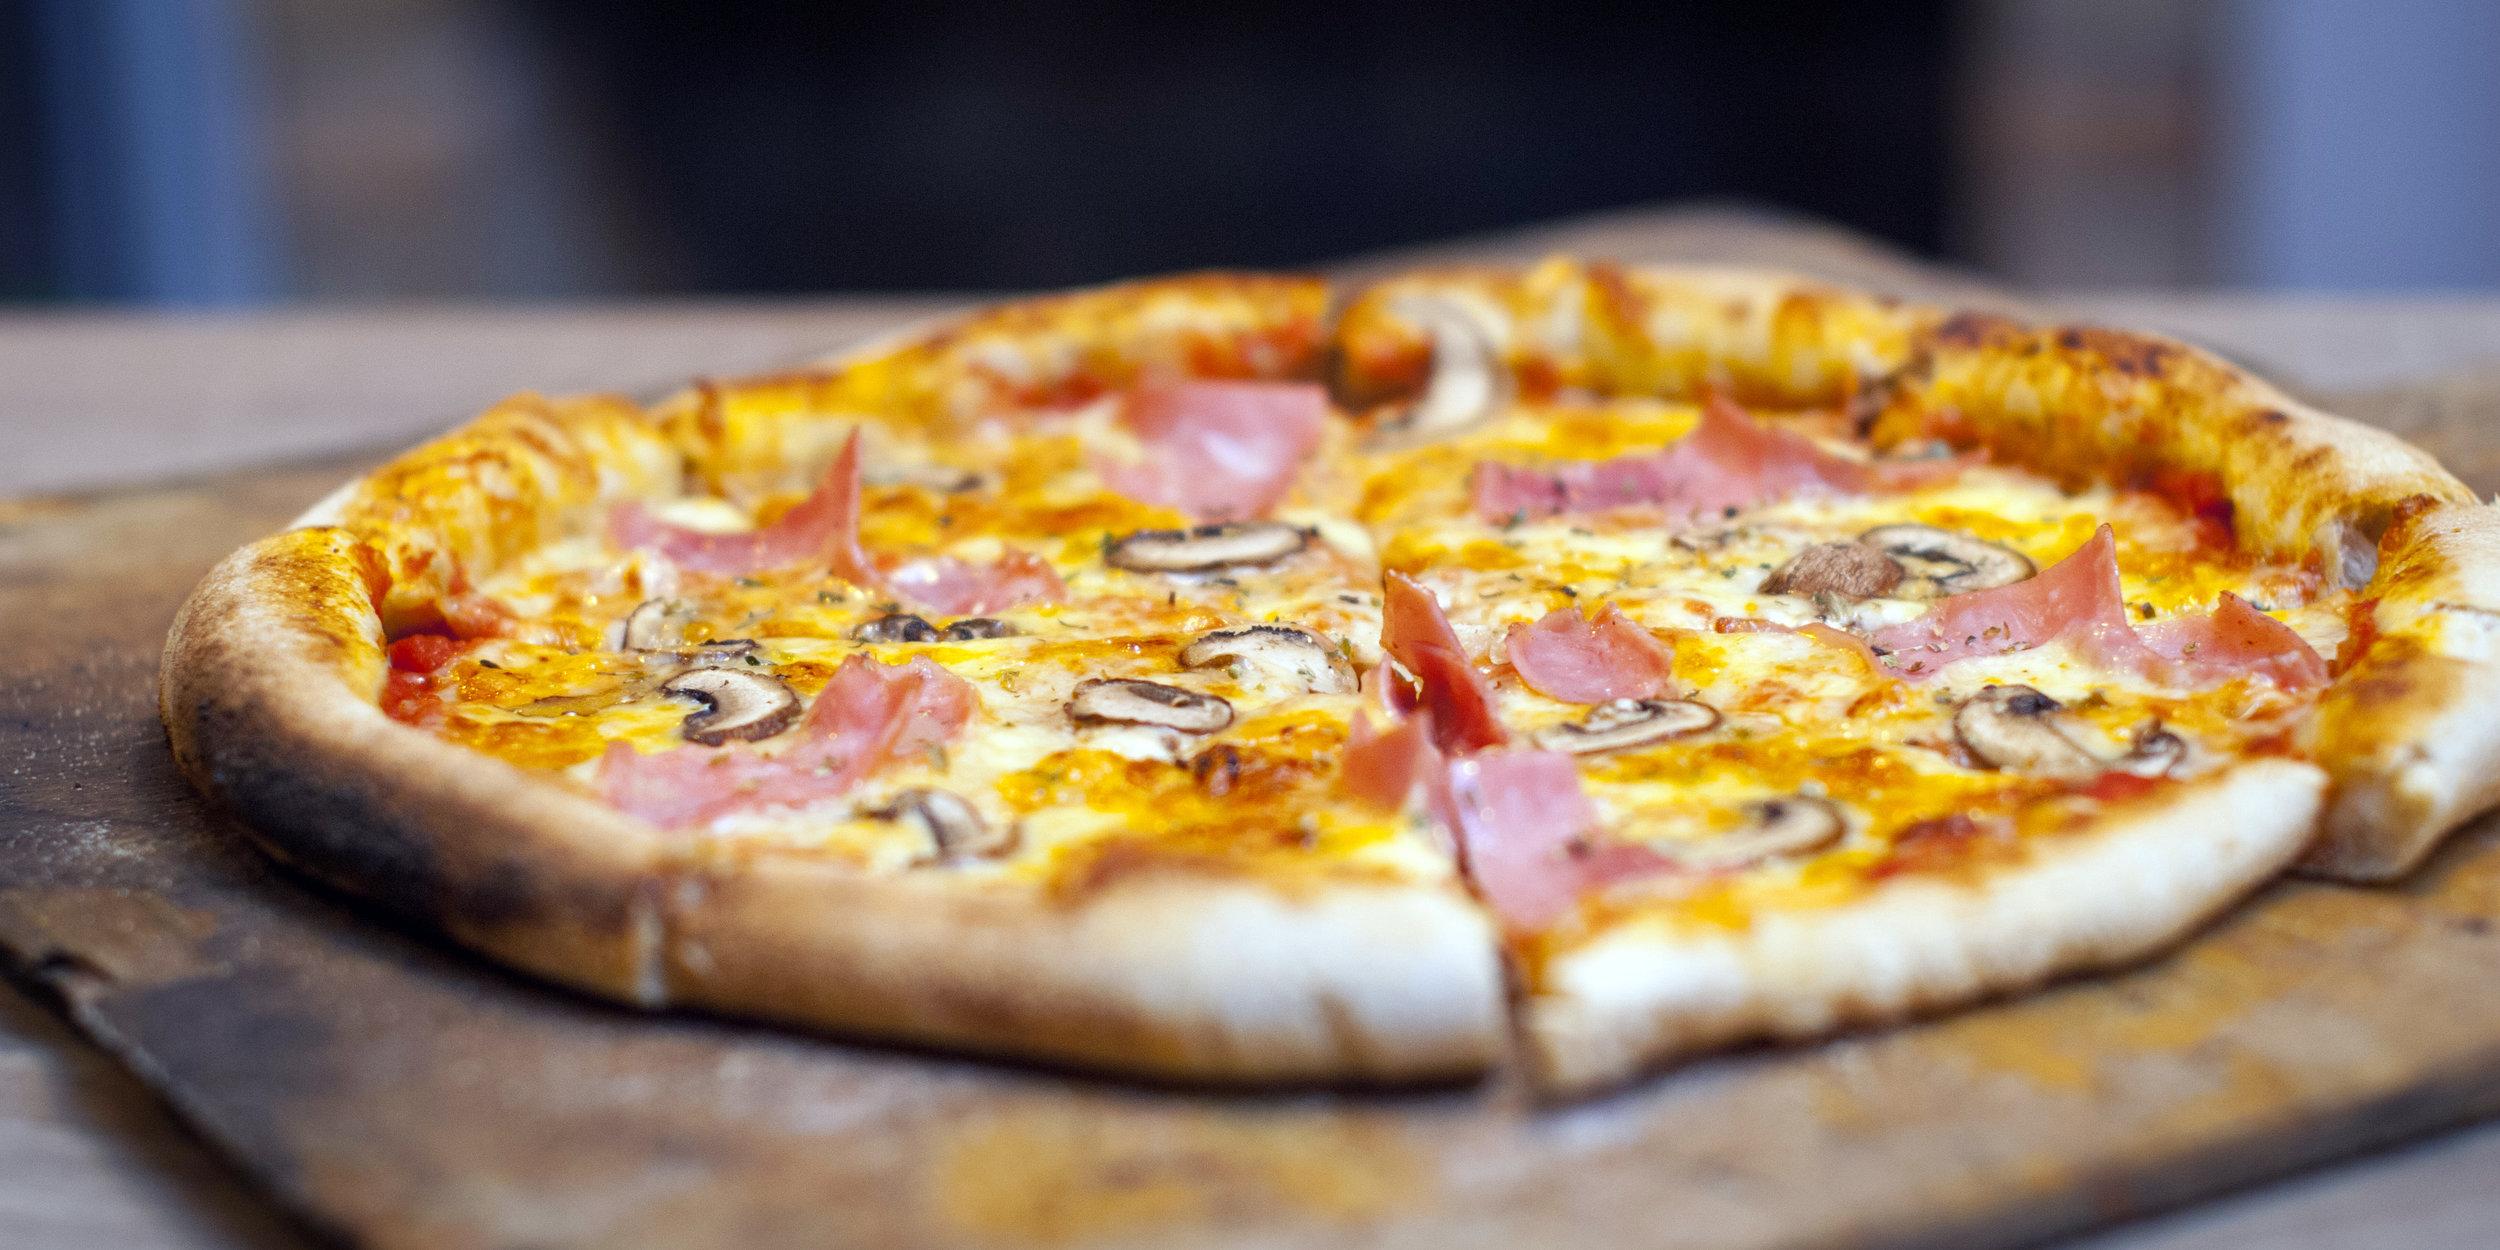 pizza 4 2x1 foto Lise von Krogh.jpg